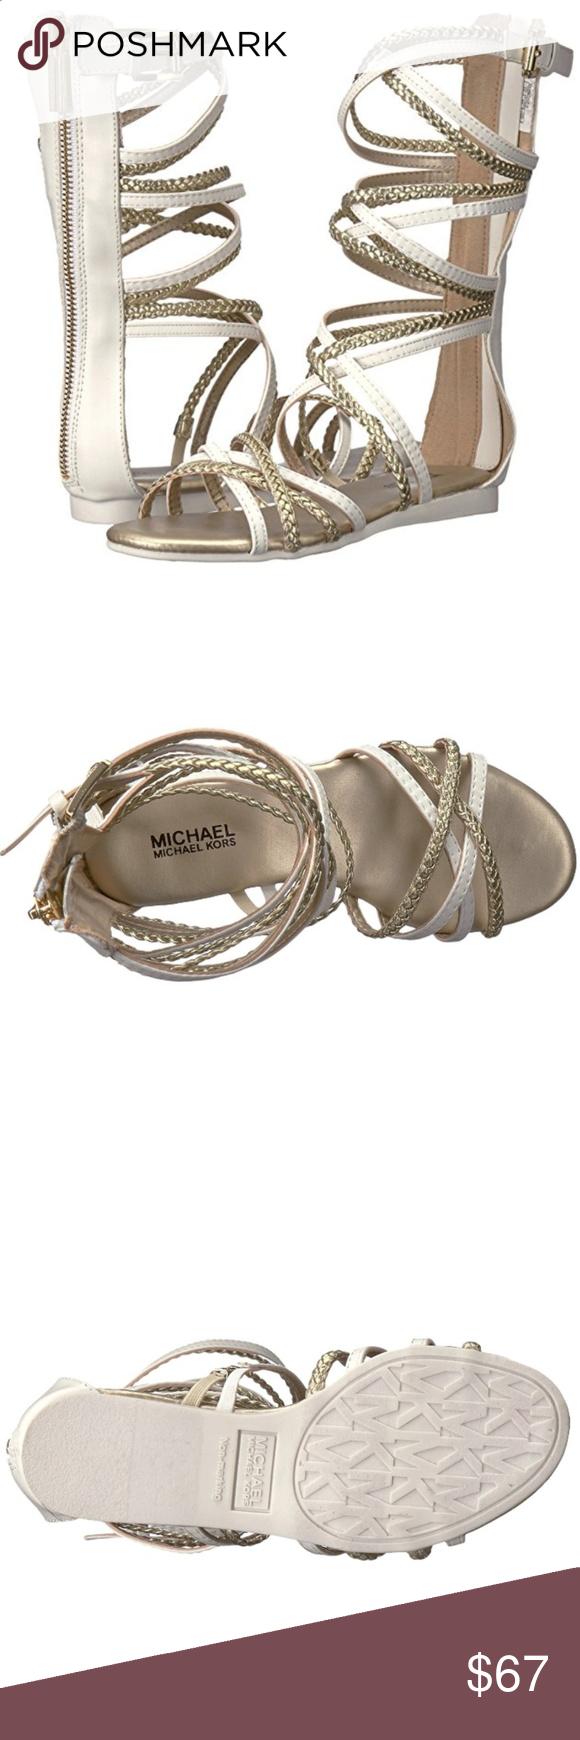 7cb1e0e8d6 Michael Kors | Girls Gladiator Sandal | Size 3 MICHAEL Michael Kors Demi  Kayla - Gladiator